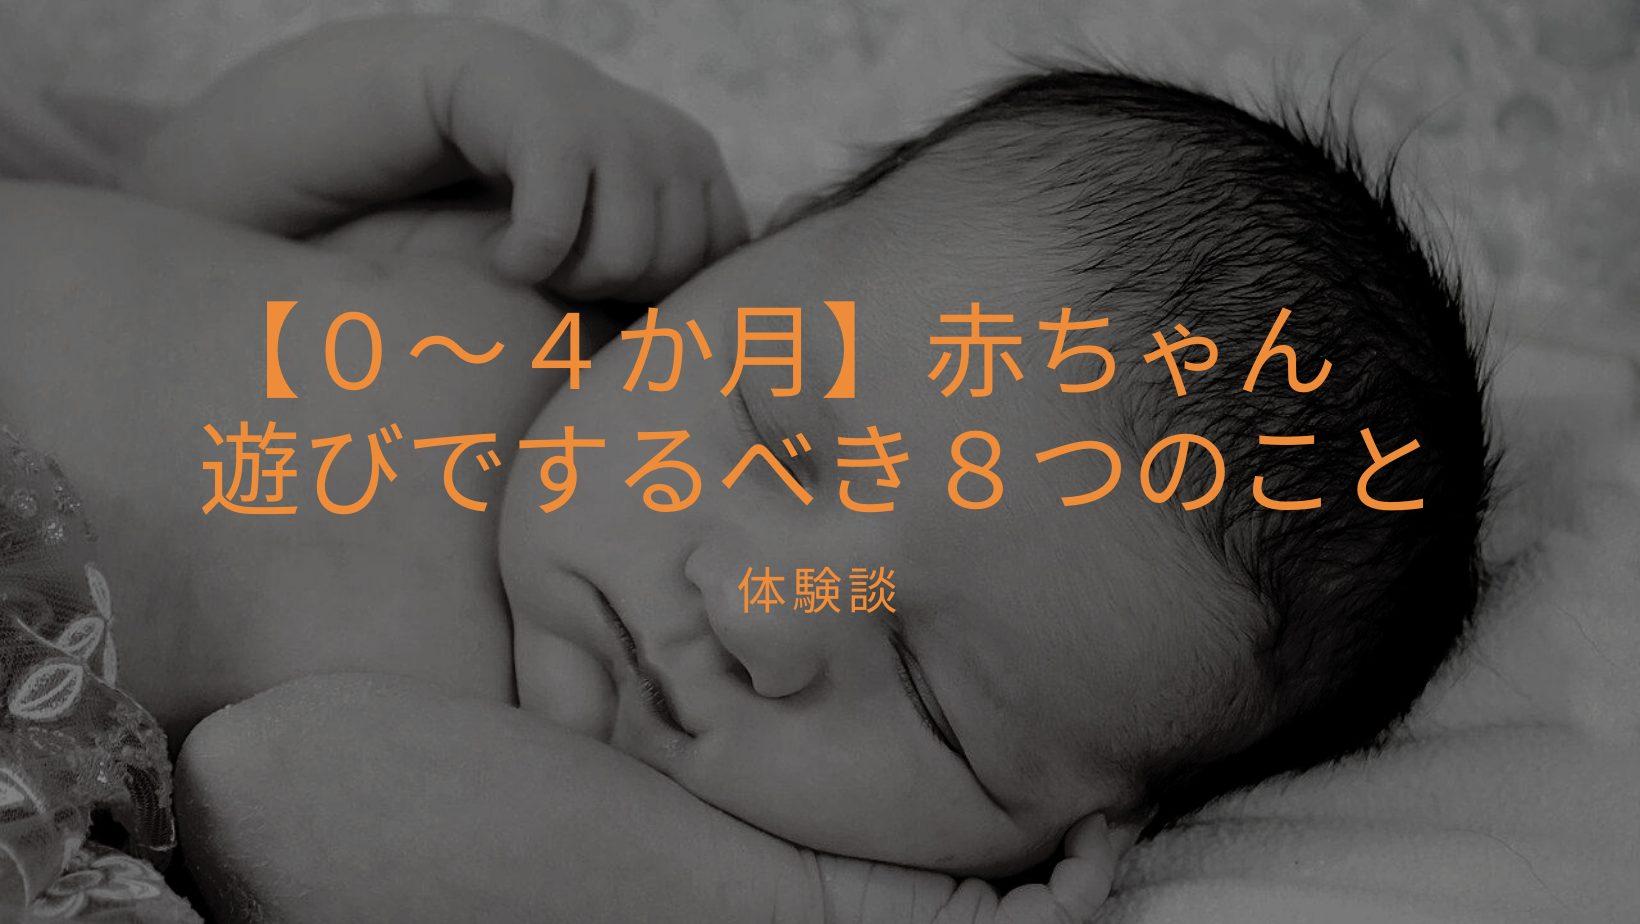 【0~4か月】赤ちゃん 遊びでするべき8つのこと